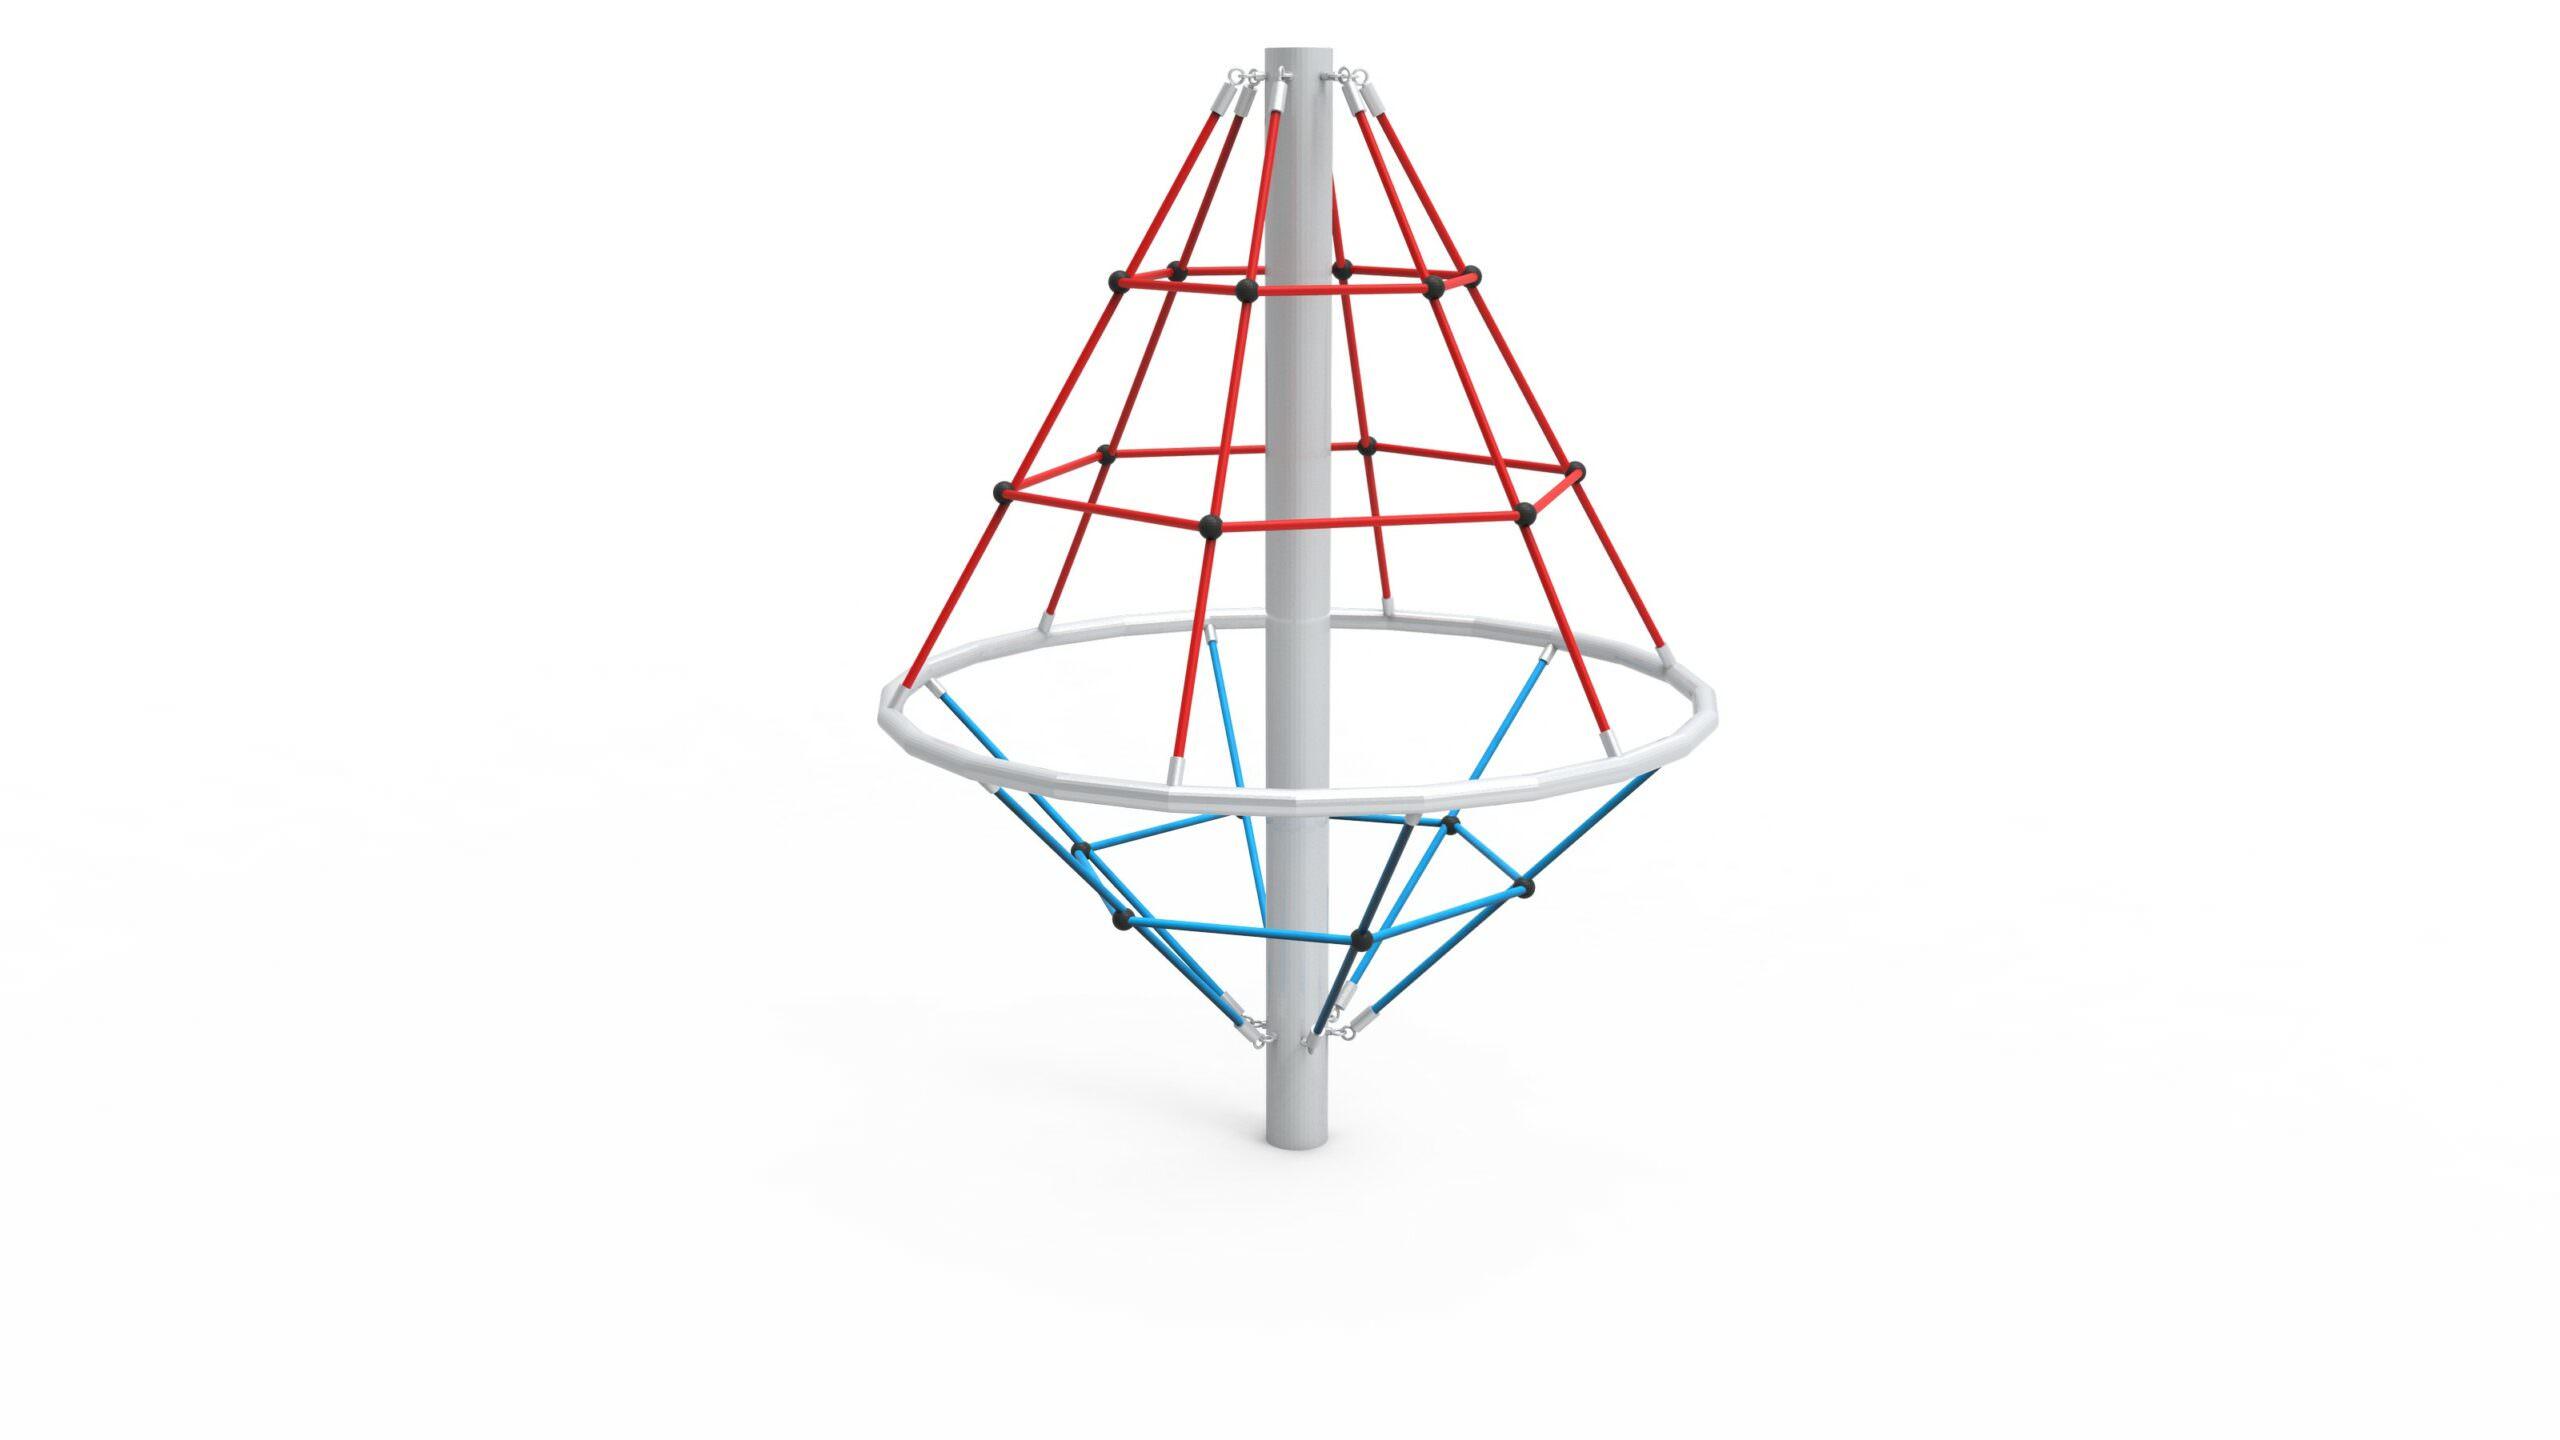 Fir Pyramid